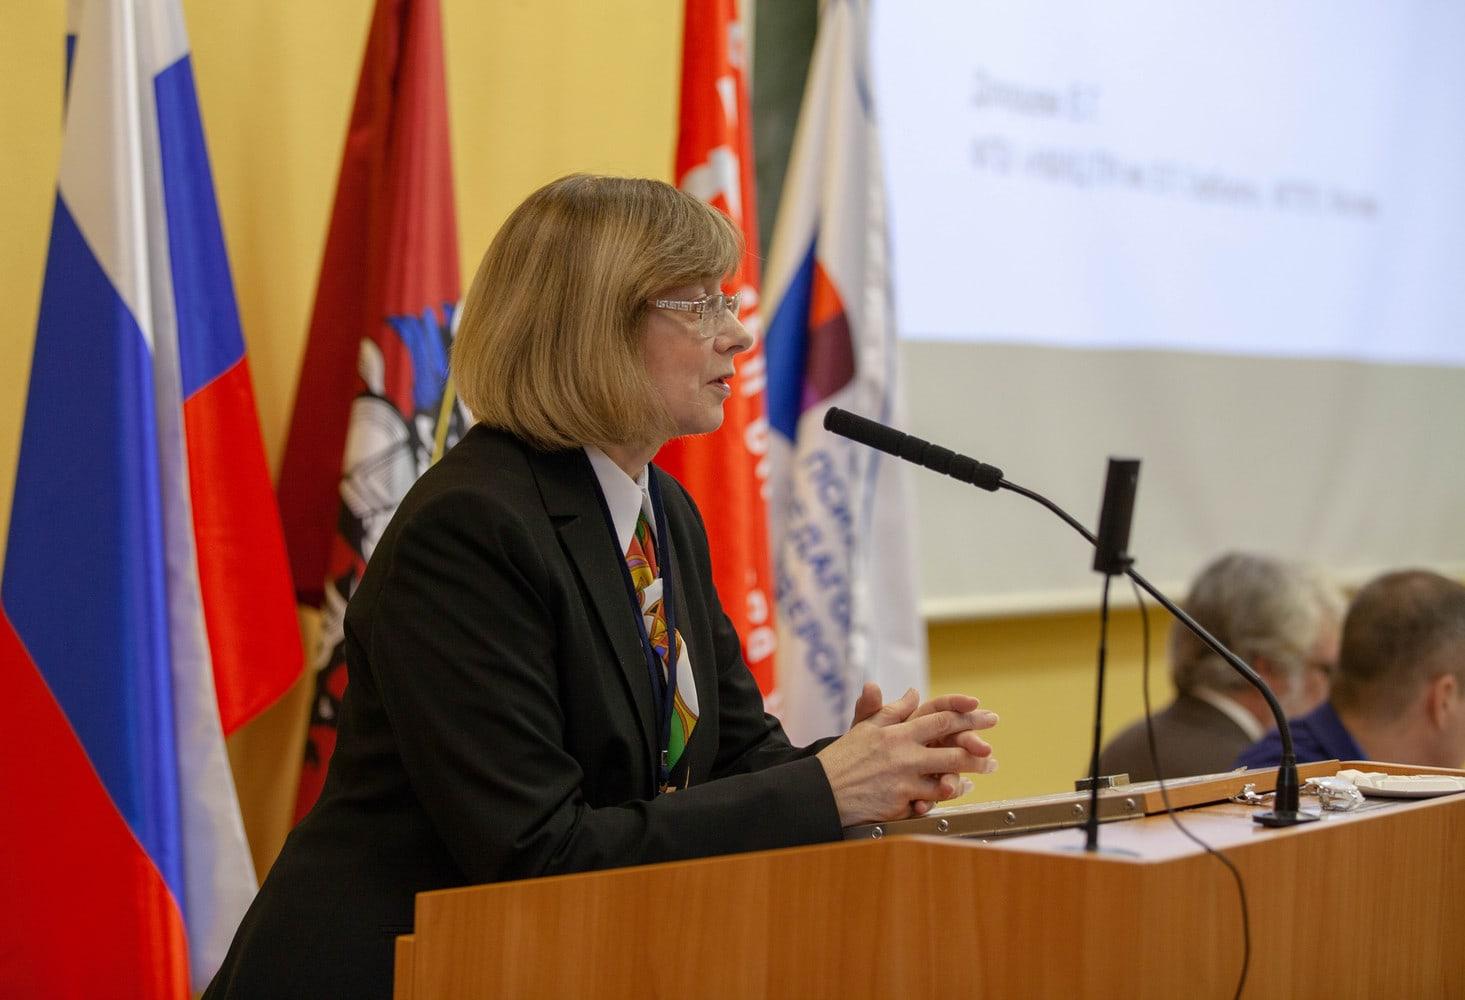 """На конференции """"Коченовские чтения"""" специалисты обсудили проблемы юридической психологии в России и за рубежом."""